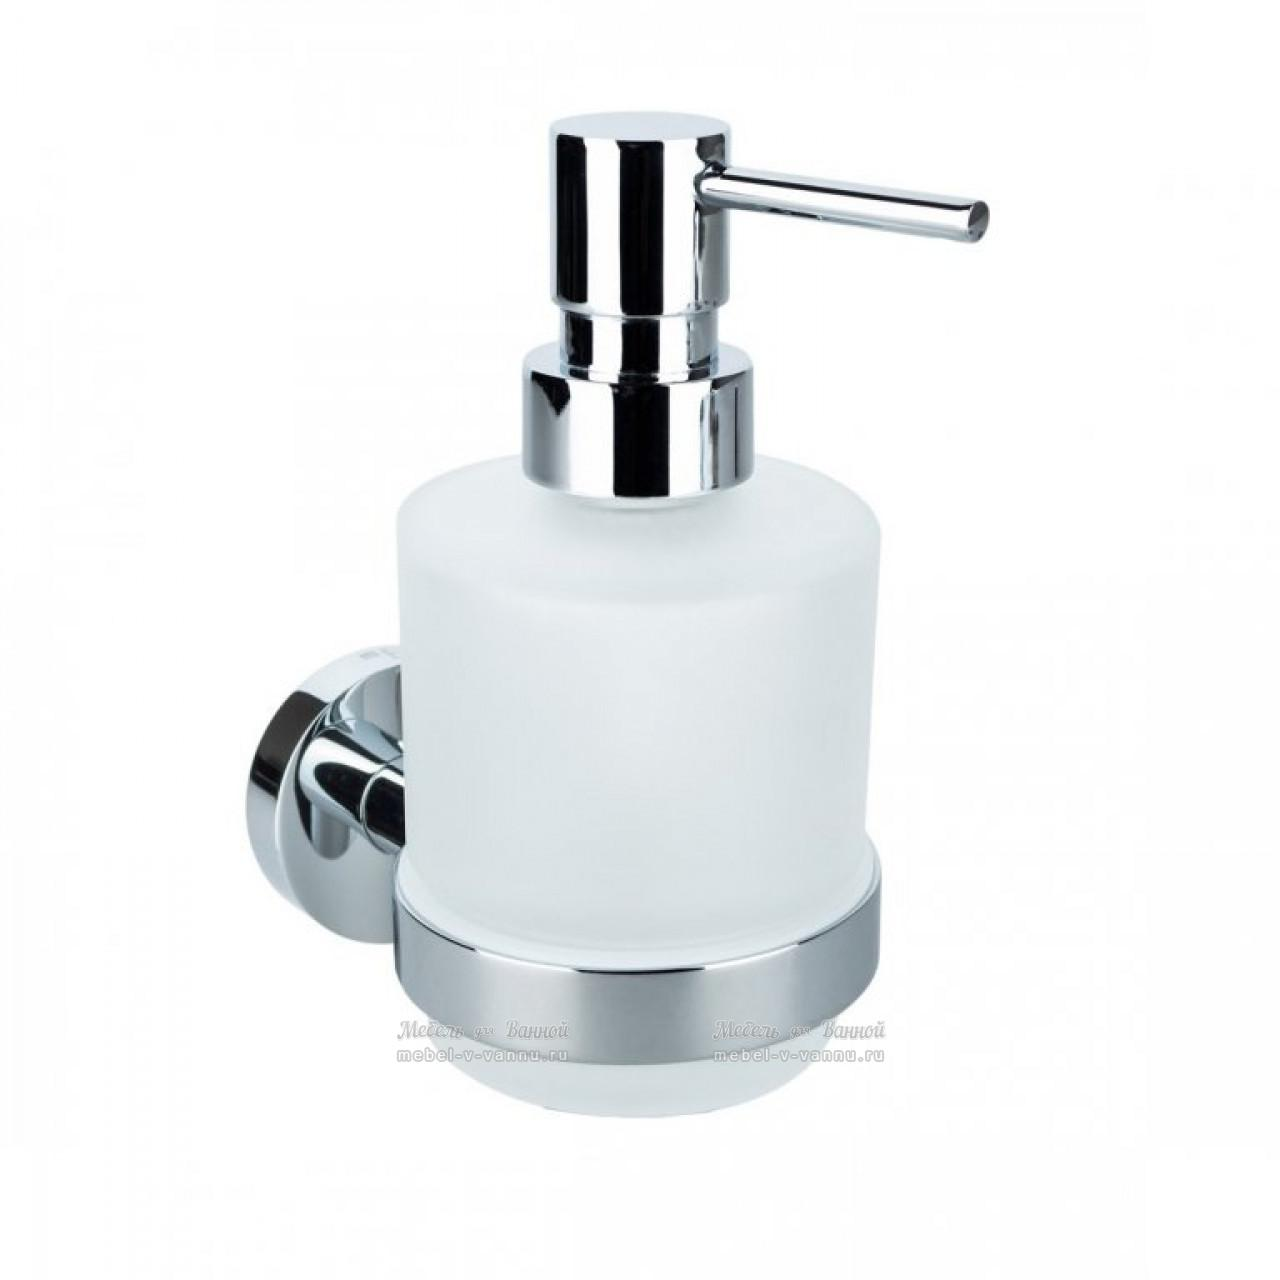 Настенный дозатор для жидкого мыла BEMETA OMEGA 104109102 Mini купить в Москве по цене от 1806р. в интернет-магазине mebel-v-vannu.ru